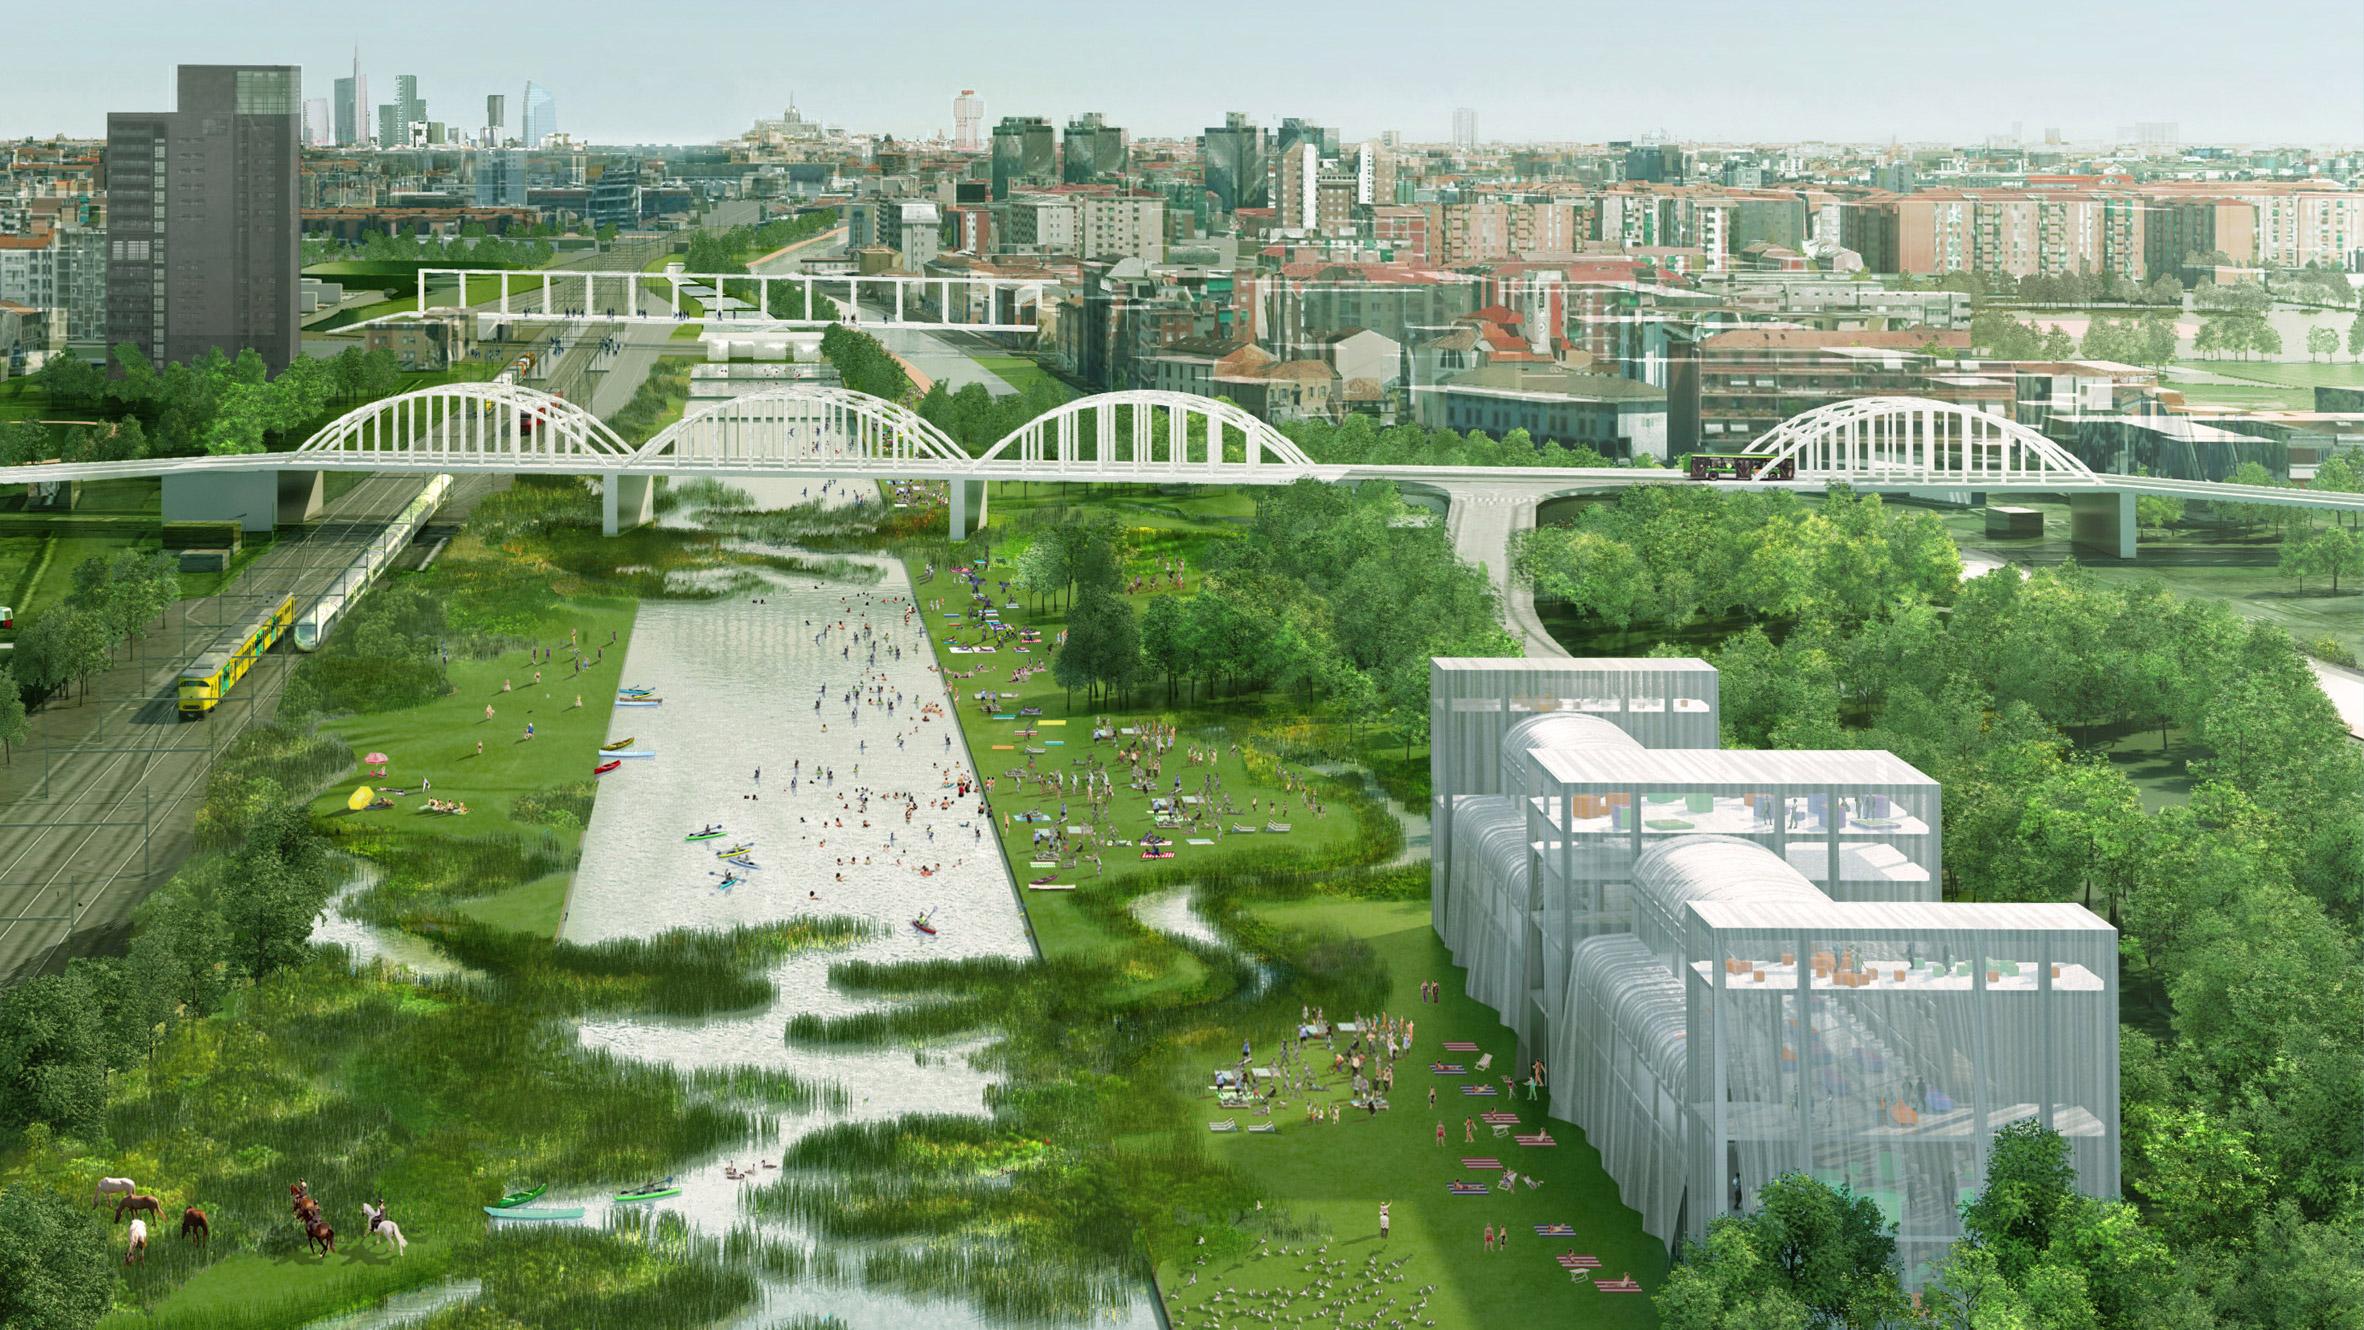 Agenti Climatici masterplan for Milan by OMA and Laboratorio Permanente